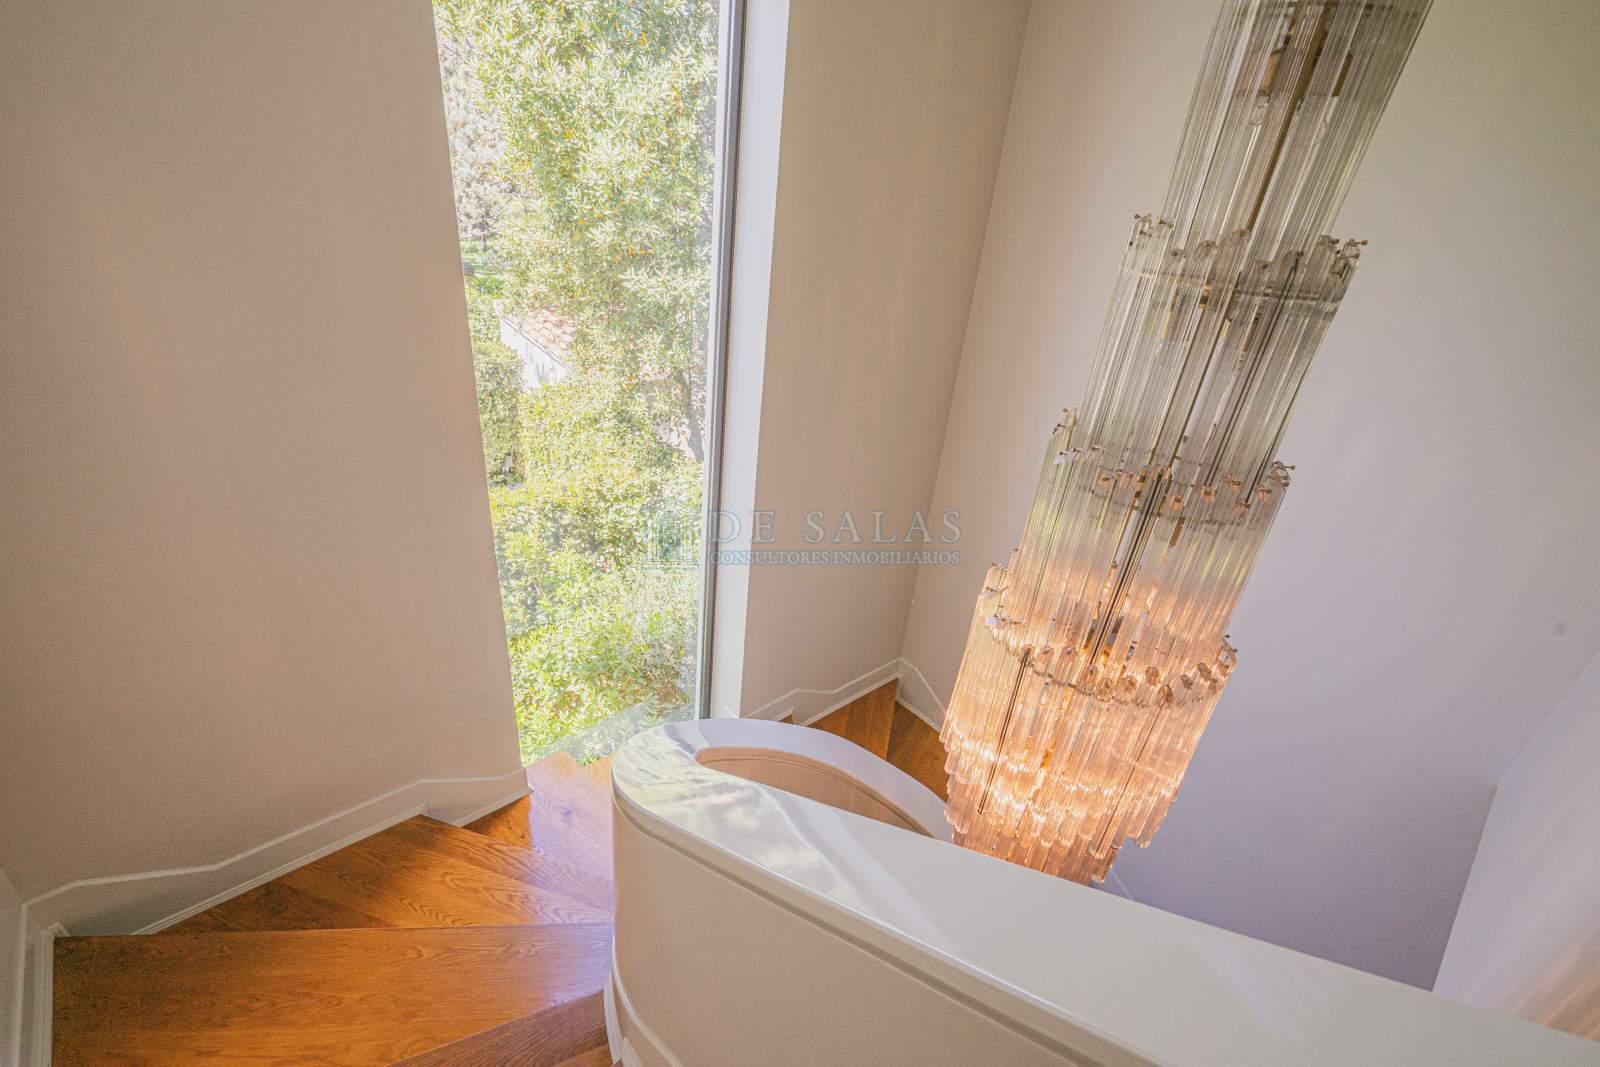 Escalera-0027 Maison La Moraleja